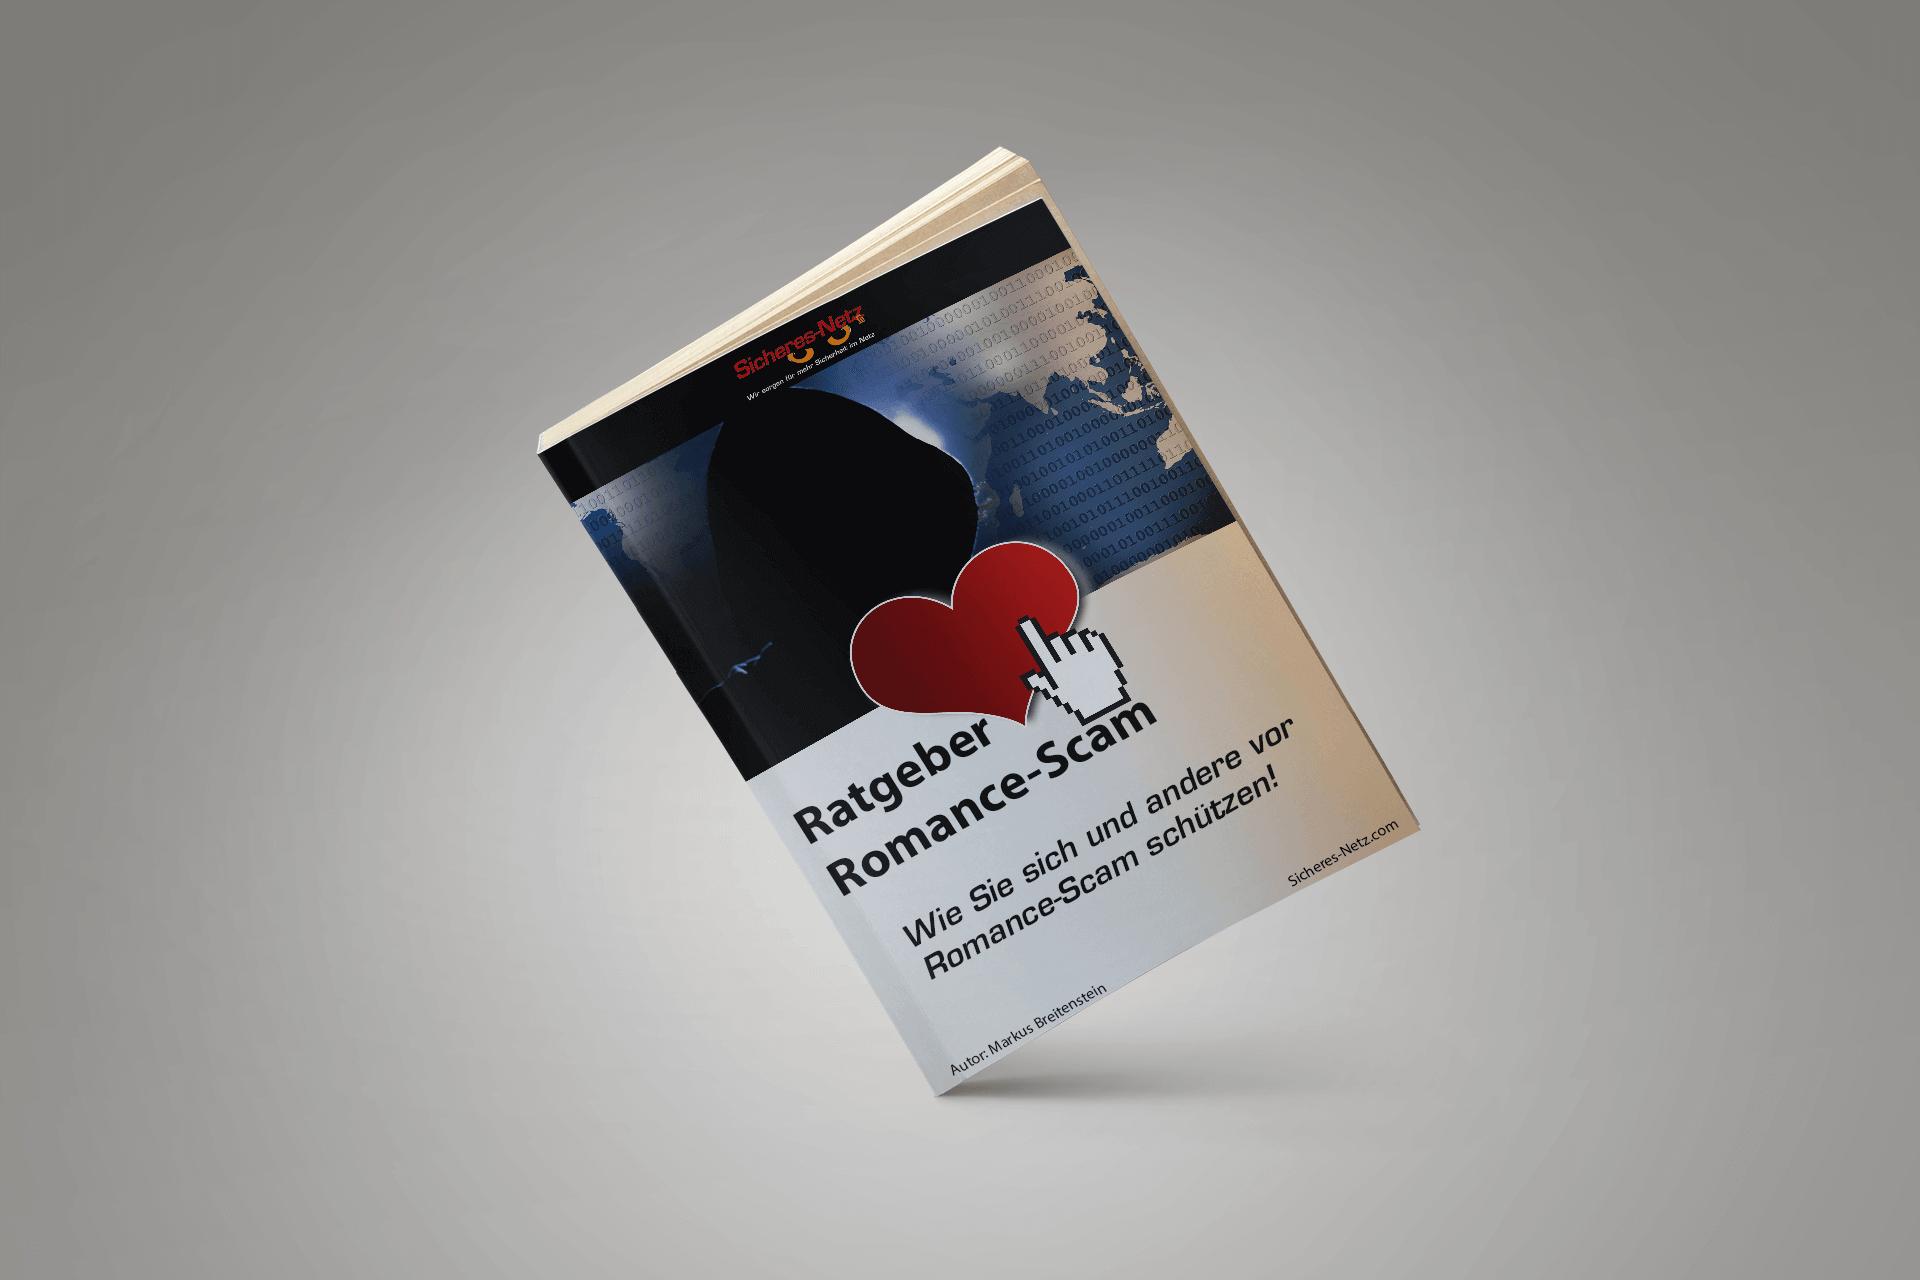 Russia/ukrainische Dating-Betrug Online Dating-Stalker